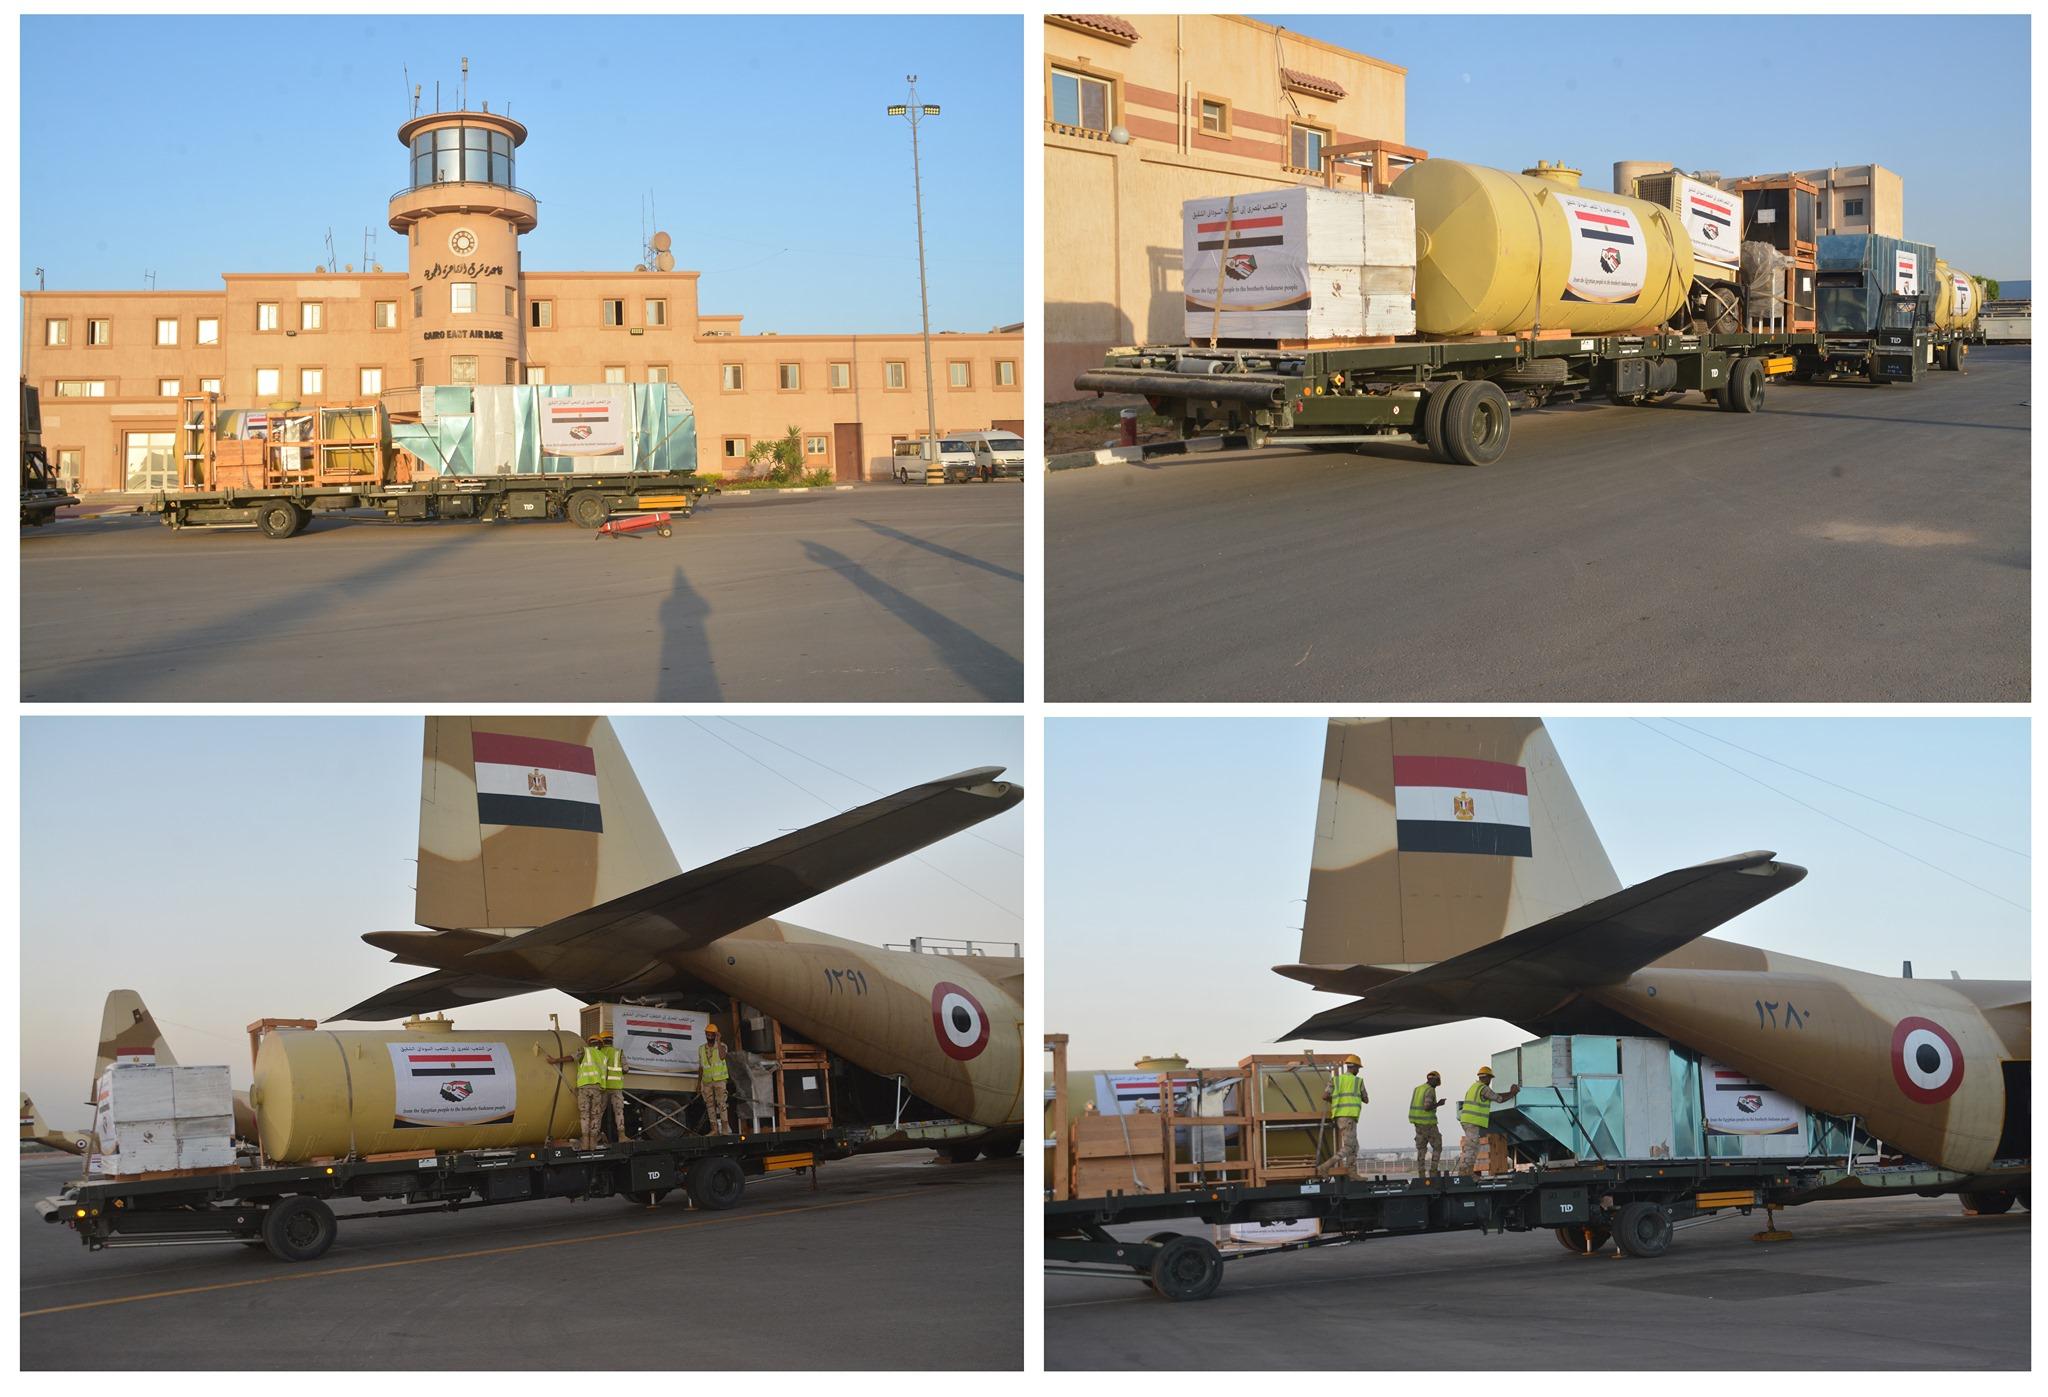 مصر تواصل إرسال عدد من خطوط إنتاج الخبز الميدانية للسودان